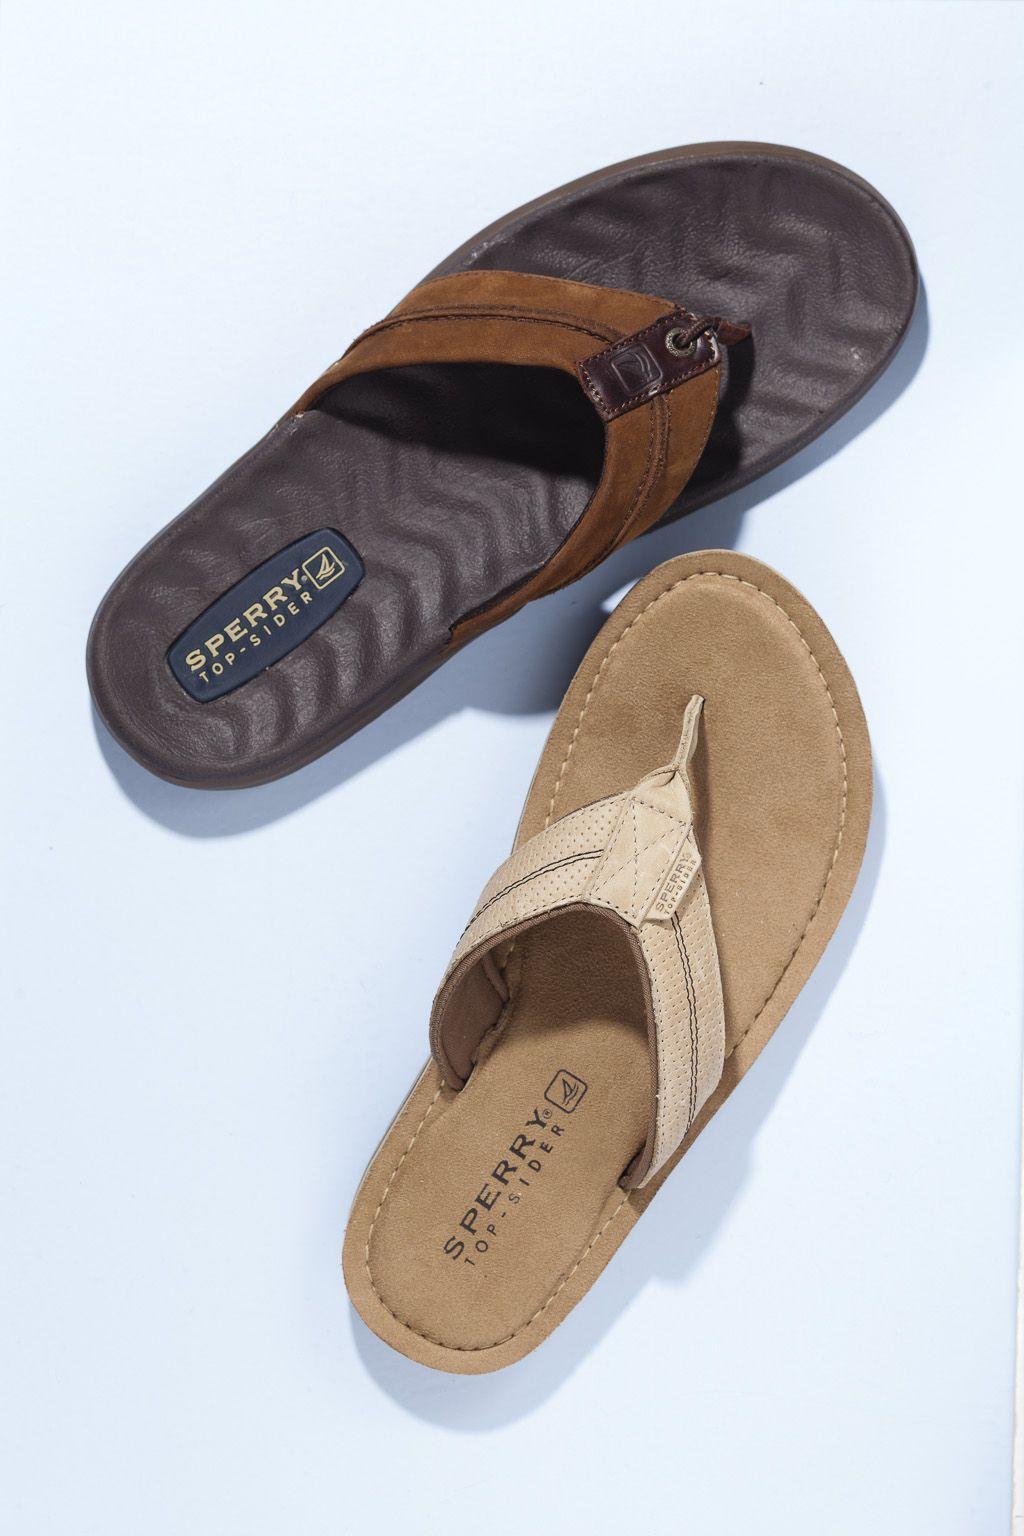 Barefoot Sandal #belk #mensfashion